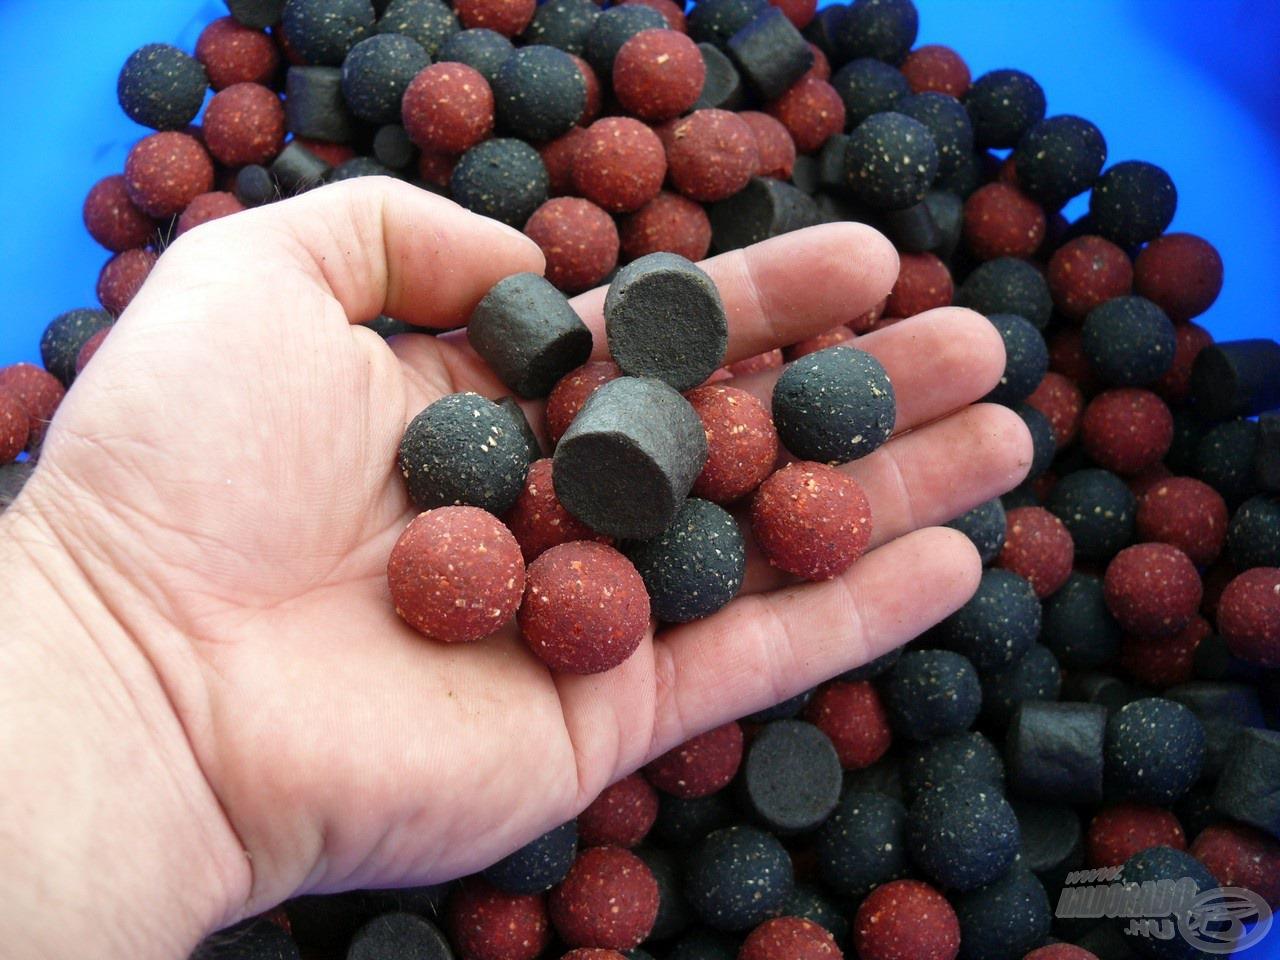 Az etetésre vegyesen Fekete Tintahalas és Fűszeres Vörös Máj bojli került, kiegészítve egy kis halibut pellettel